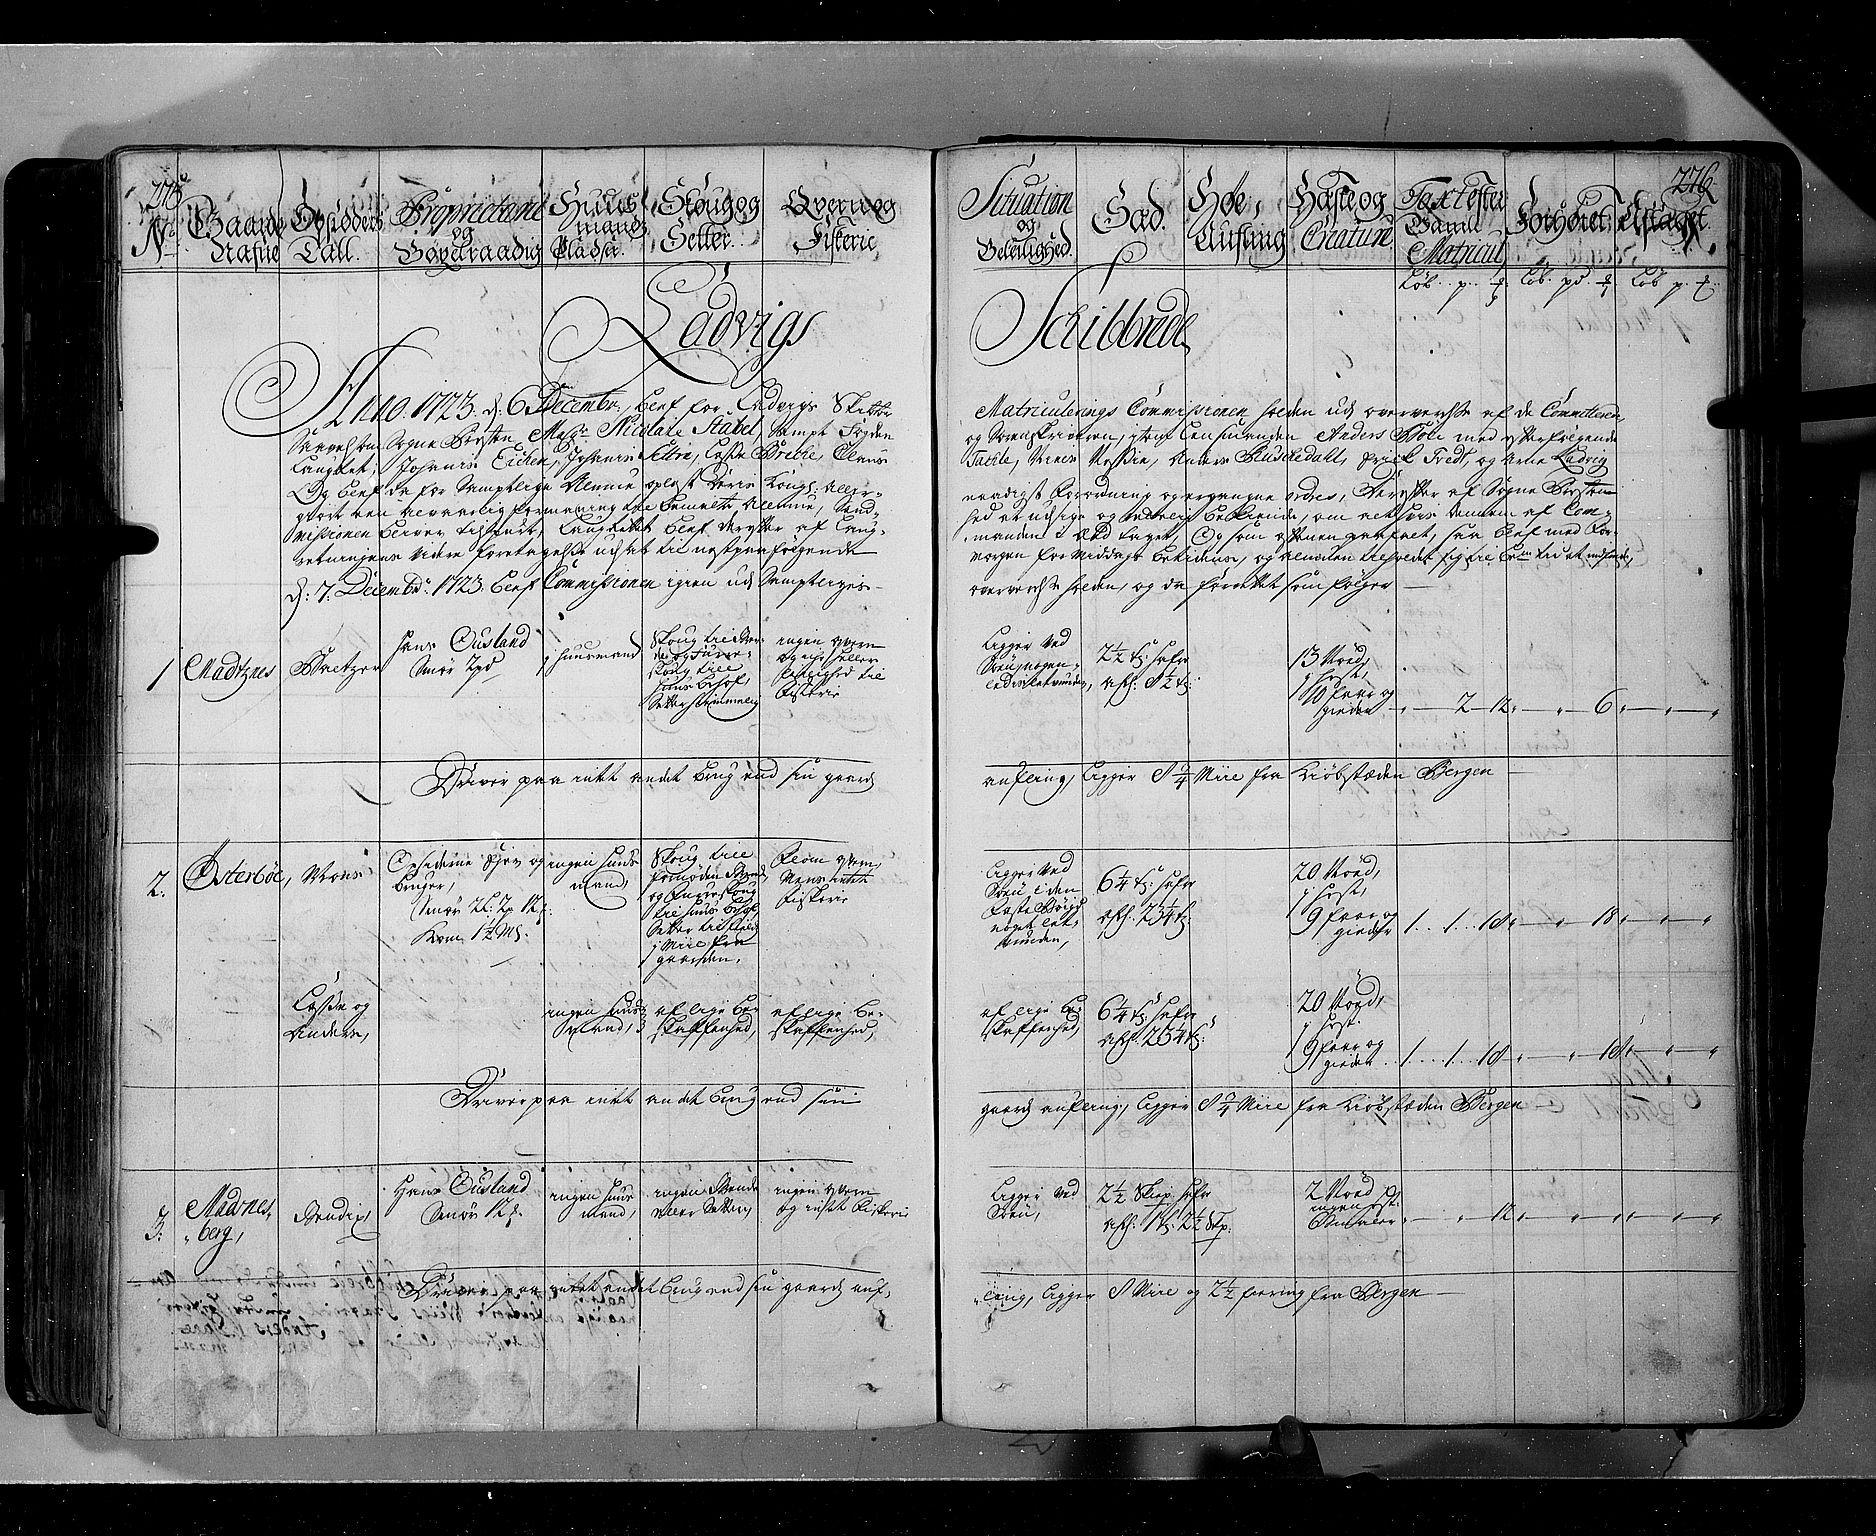 RA, Rentekammeret inntil 1814, Realistisk ordnet avdeling, N/Nb/Nbf/L0143: Ytre og Indre Sogn eksaminasjonsprotokoll, 1723, s. 275-276